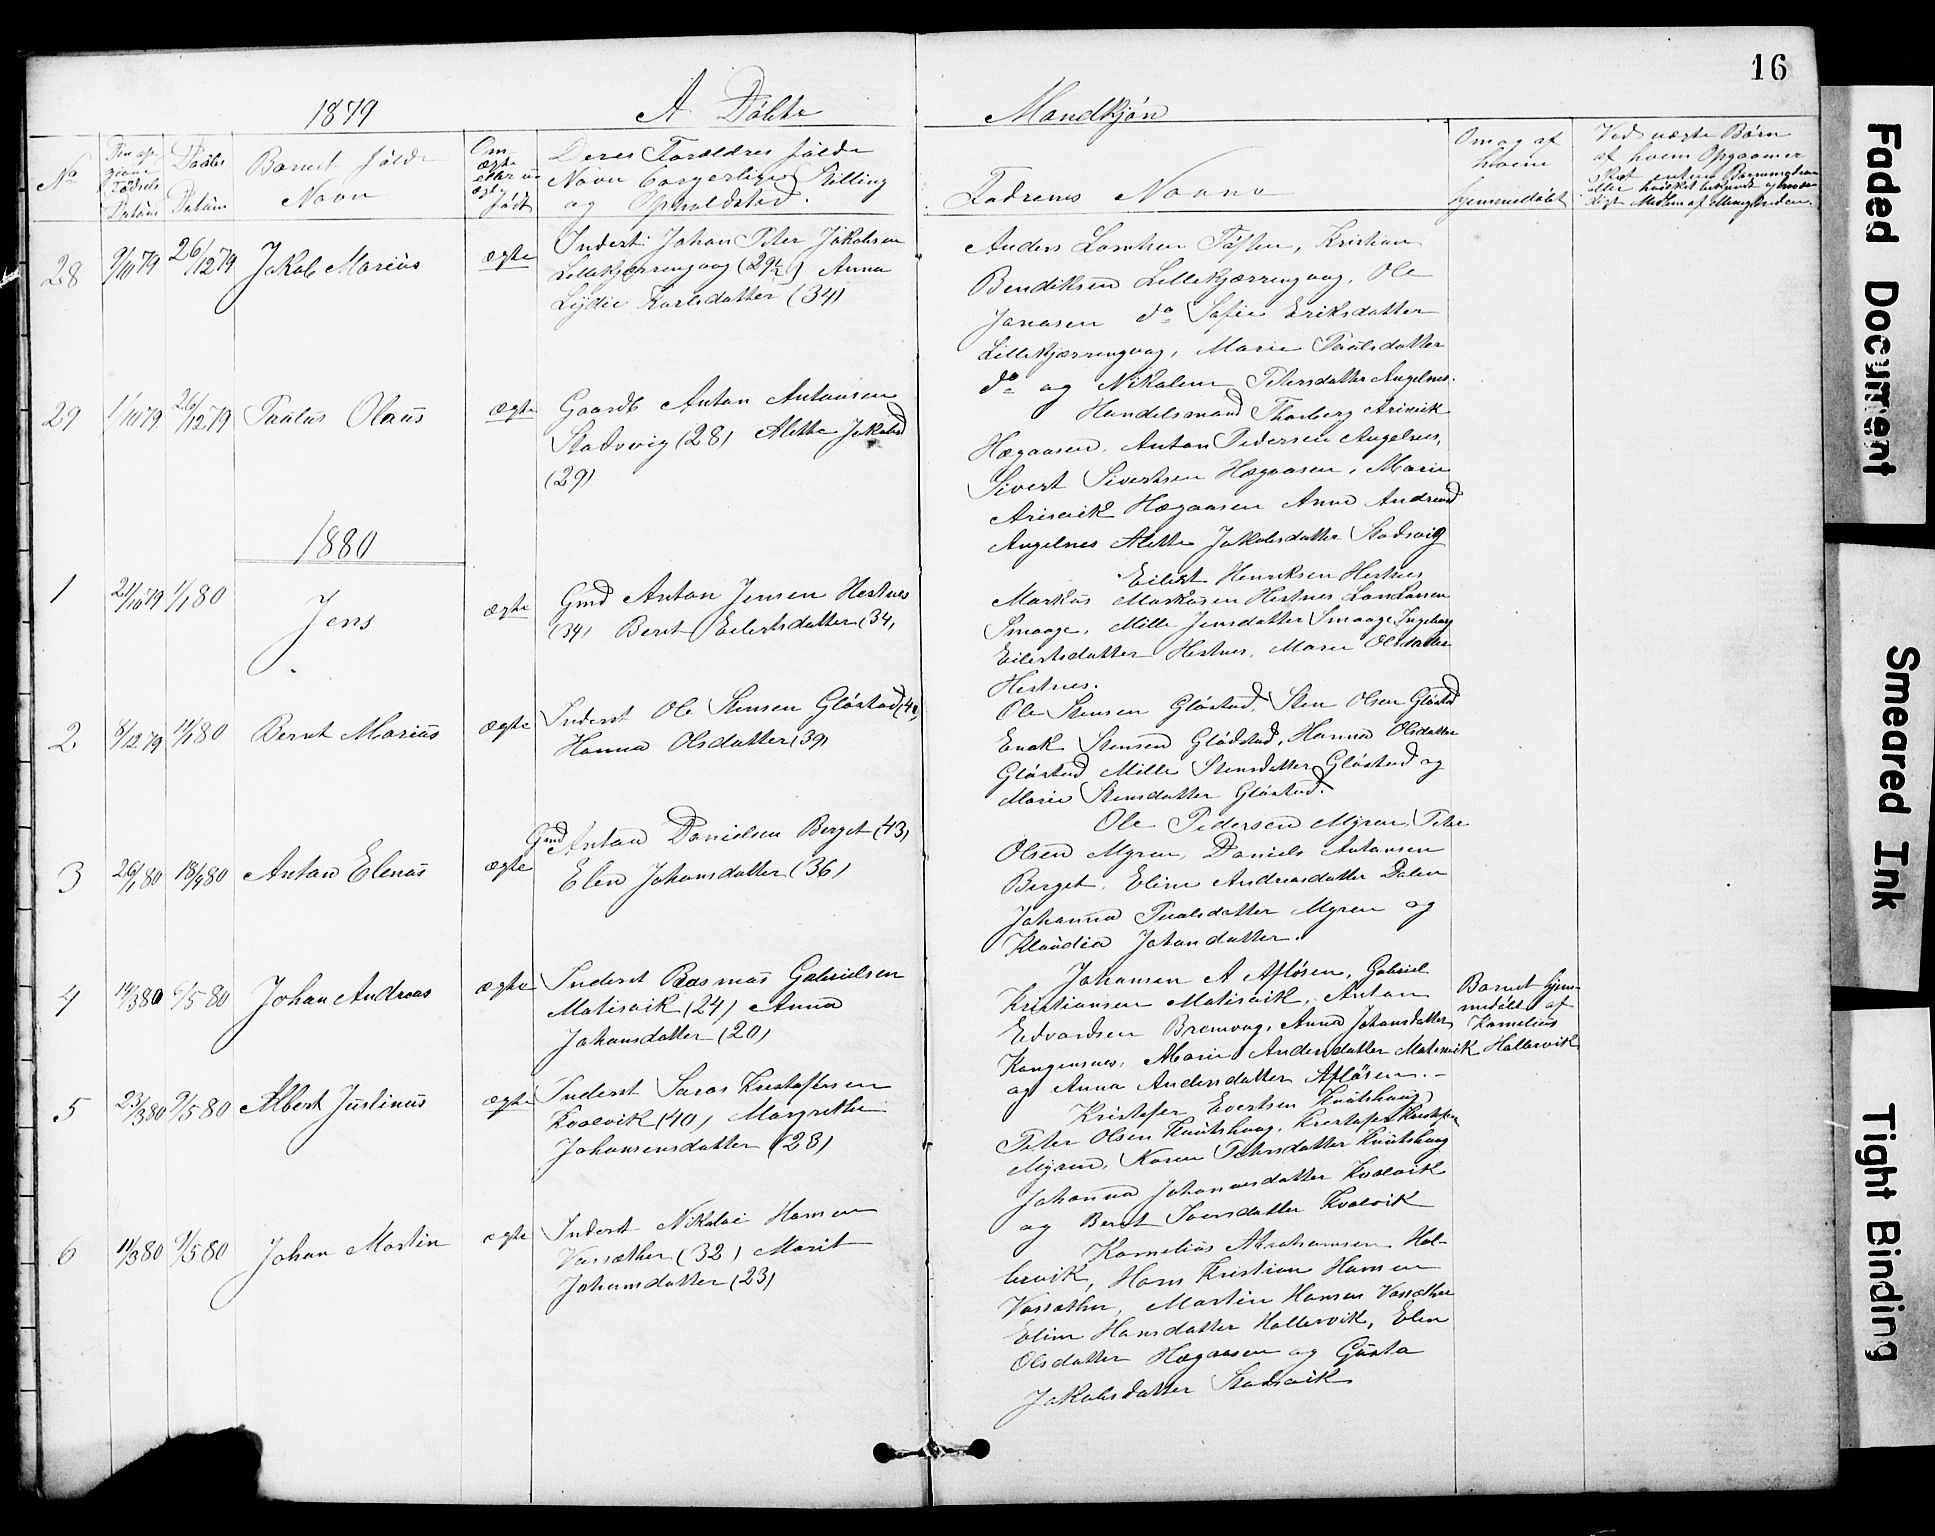 SAT, Ministerialprotokoller, klokkerbøker og fødselsregistre - Sør-Trøndelag, 634/L0541: Klokkerbok nr. 634C03, 1874-1891, s. 16